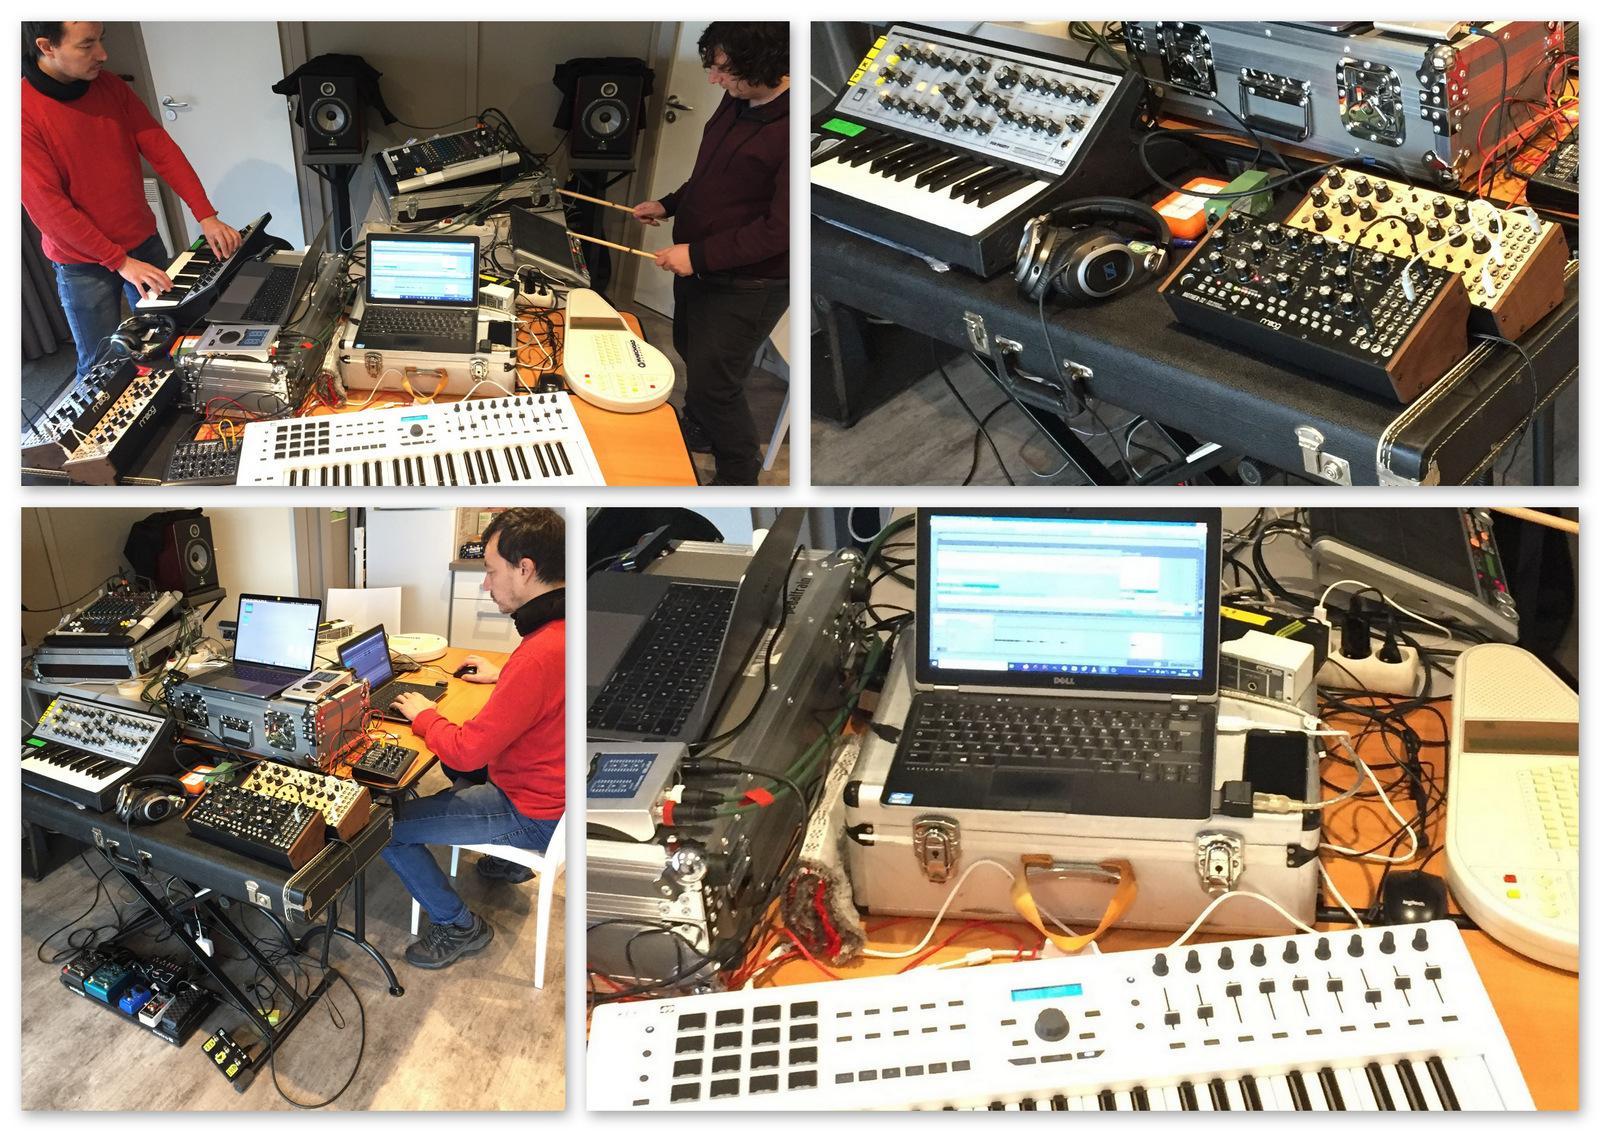 Manu, Rémi et guillaume ont réalisé la bande sonore du jeu à partir de leur studio M.A.O. Les 8 morceaux, correspondants aux différents niveaux du jeu, ainsi que les bruitages ont été réalisés en 3 jours, apportant une nouvelle dimension au jeu.